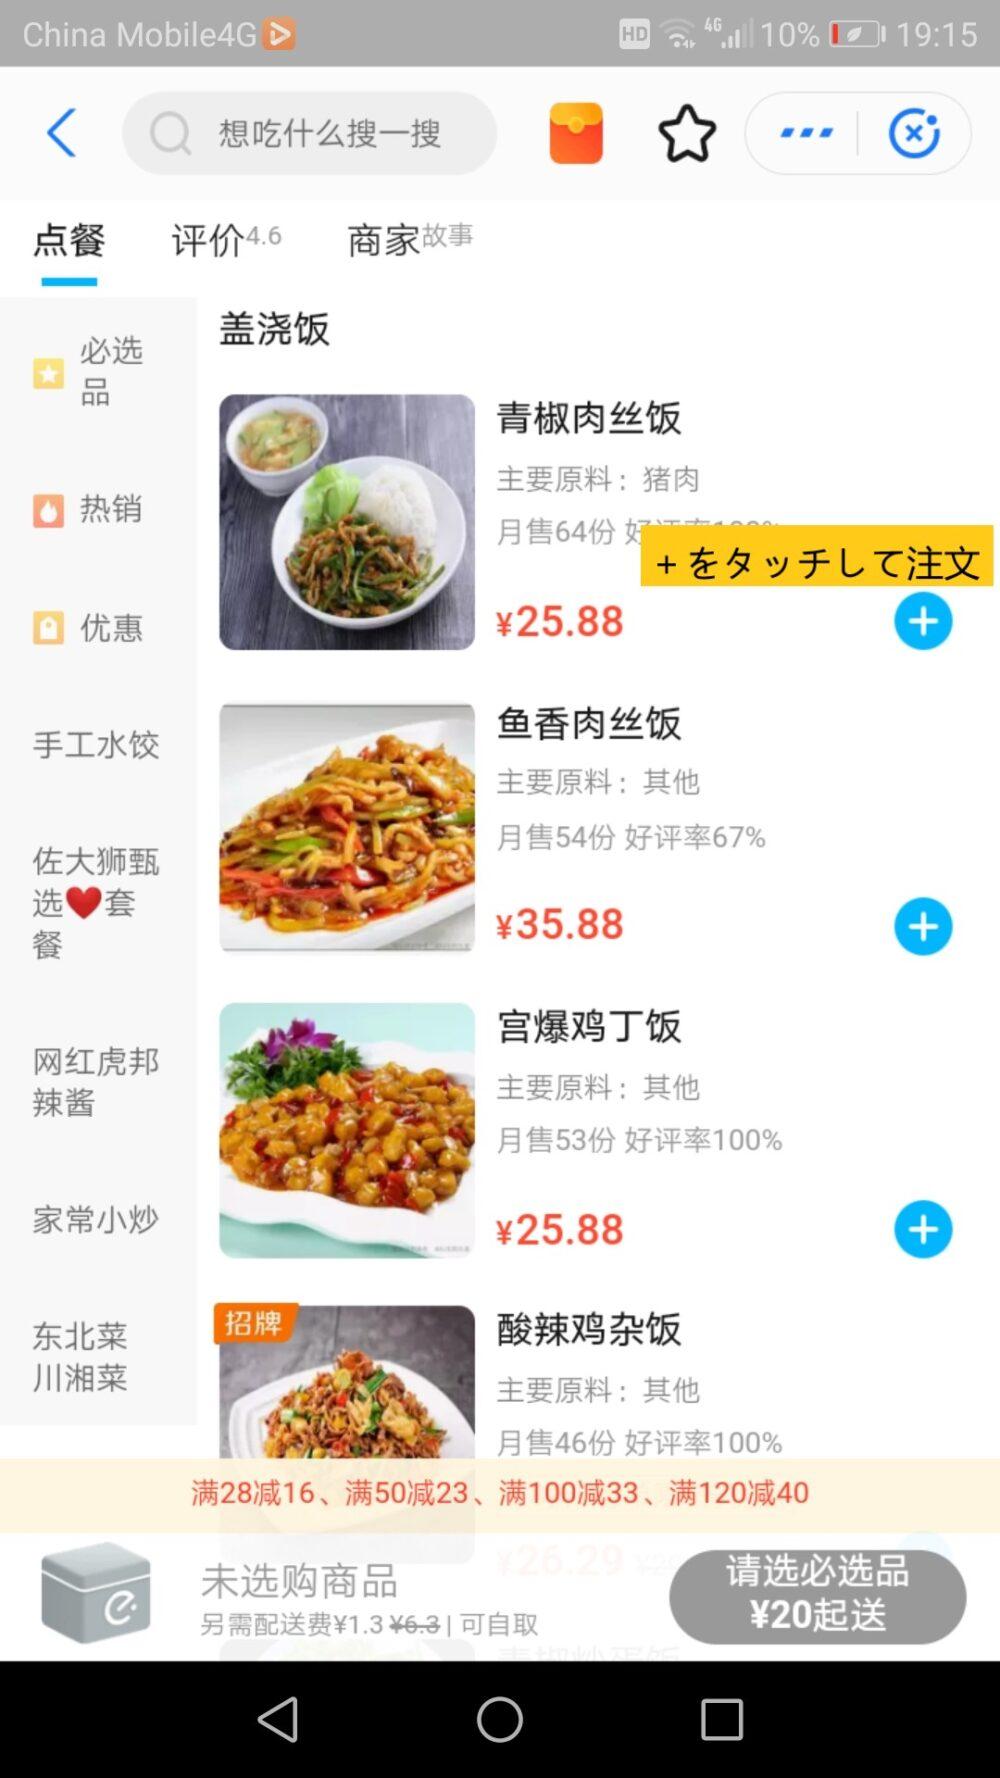 フードデリバリーアプリの饿了么で実際に青椒肉丝饭(チンジャオロース)を注文している画面のスクリーンショットした画像